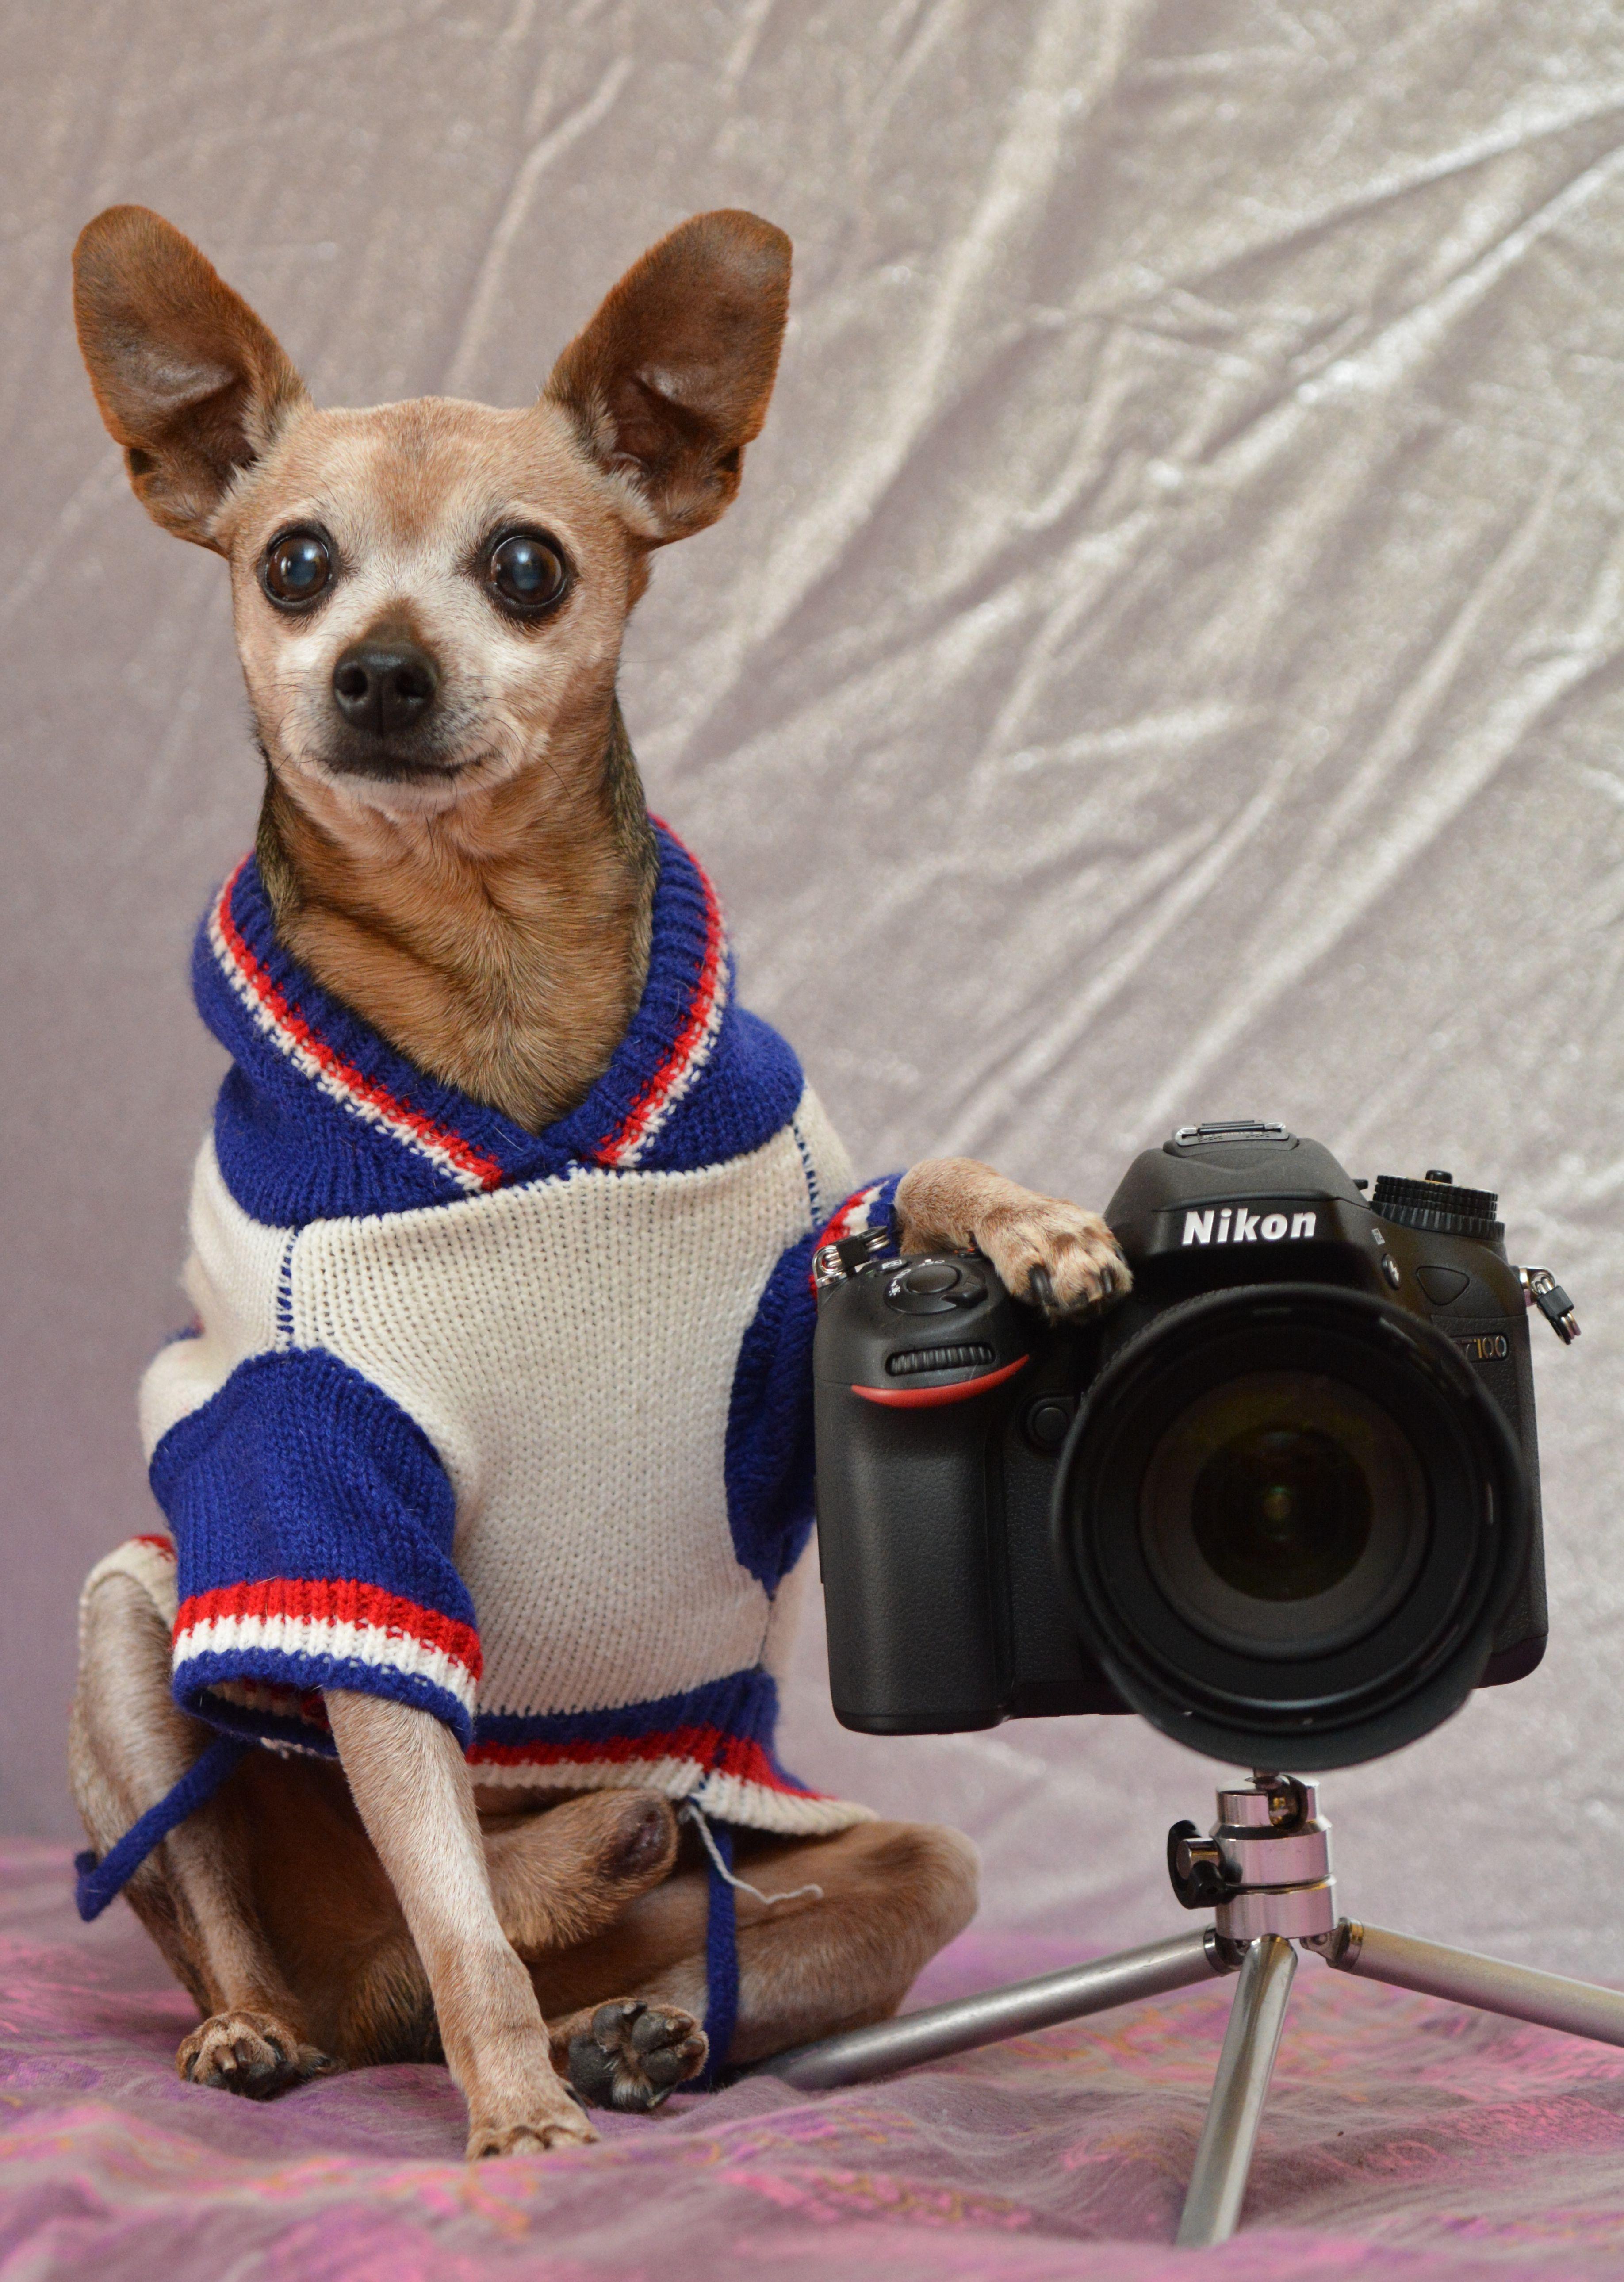 недавно узнал, конкурс фотографий домашних животных стоит думать, что